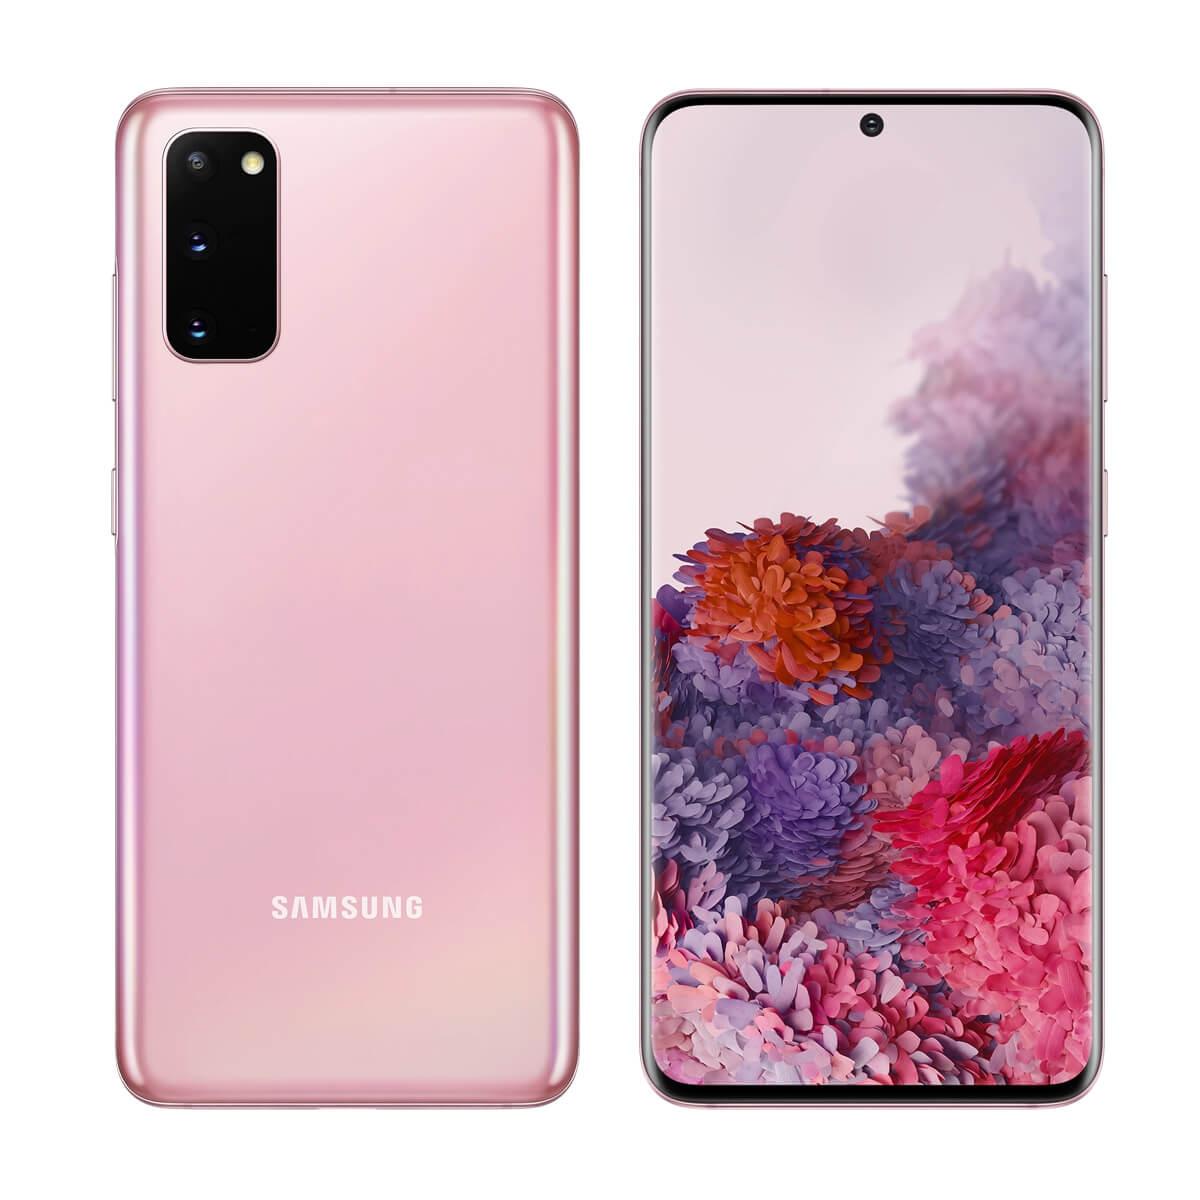 【傑昇通信】SAMSUNG Galaxy S20 5G (12G/128G)。空機破盤價